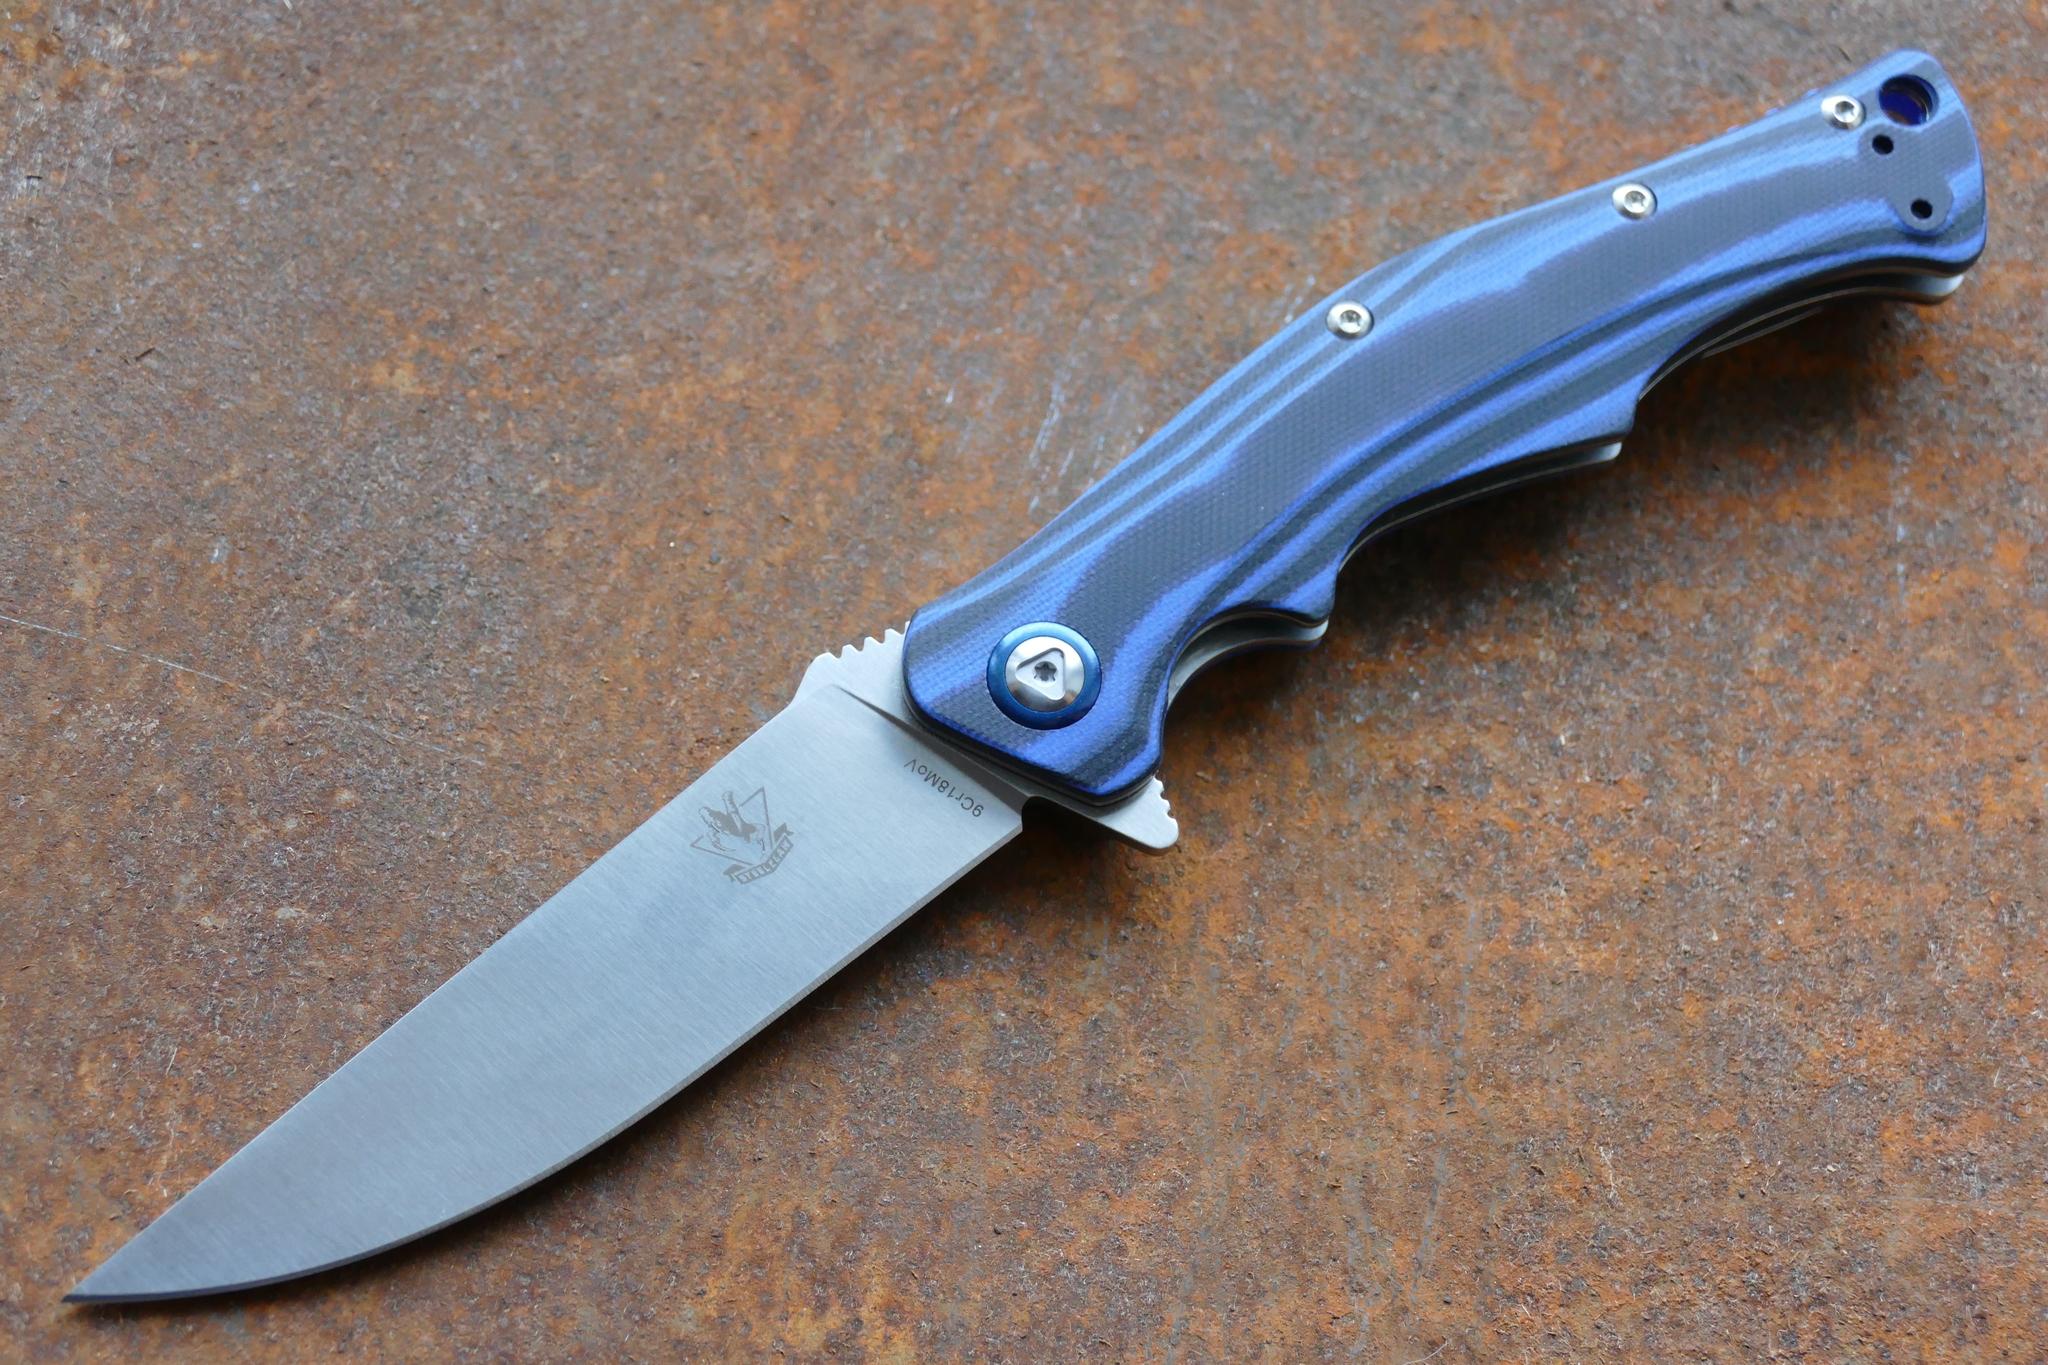 Складной нож Дагон, синийРаскладные ножи<br>Данная модель сочетает в себе тактические и рабочие характеристики. Создателям удалость в одной модели собрать все лучшее от разных типов ножей. Складной нож Дагон предназначен для постоянного ношения в городских или походных условиях. Модель оснащена системой моментального открывания одной рукой. В качестве элемента для открывания ножа используется выступ-флиппер. В открытом положении, флиппер превращается в упор-ограничитель, что повышает безопасность при выполнении силовой работы. Рукоять ножа выполнена из двухцветной микарты, что придает ножу стильный и необычный вид.<br>